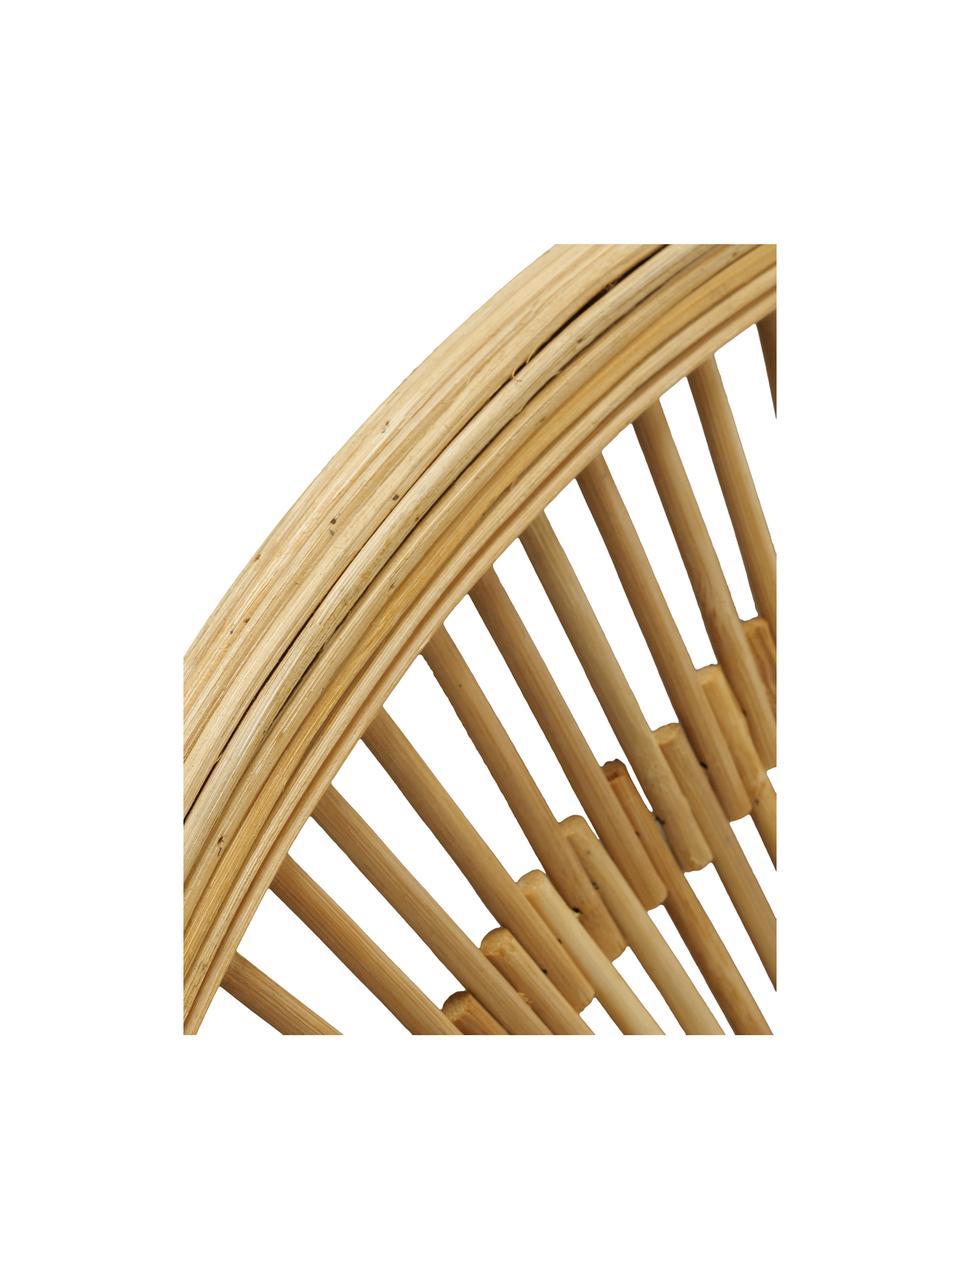 Runder Wandspiegel Girona mit Bambusrahmen, Rahmen: Bambus, Spiegelfläche: Spiegelglas, Braun, Ø 51 cm